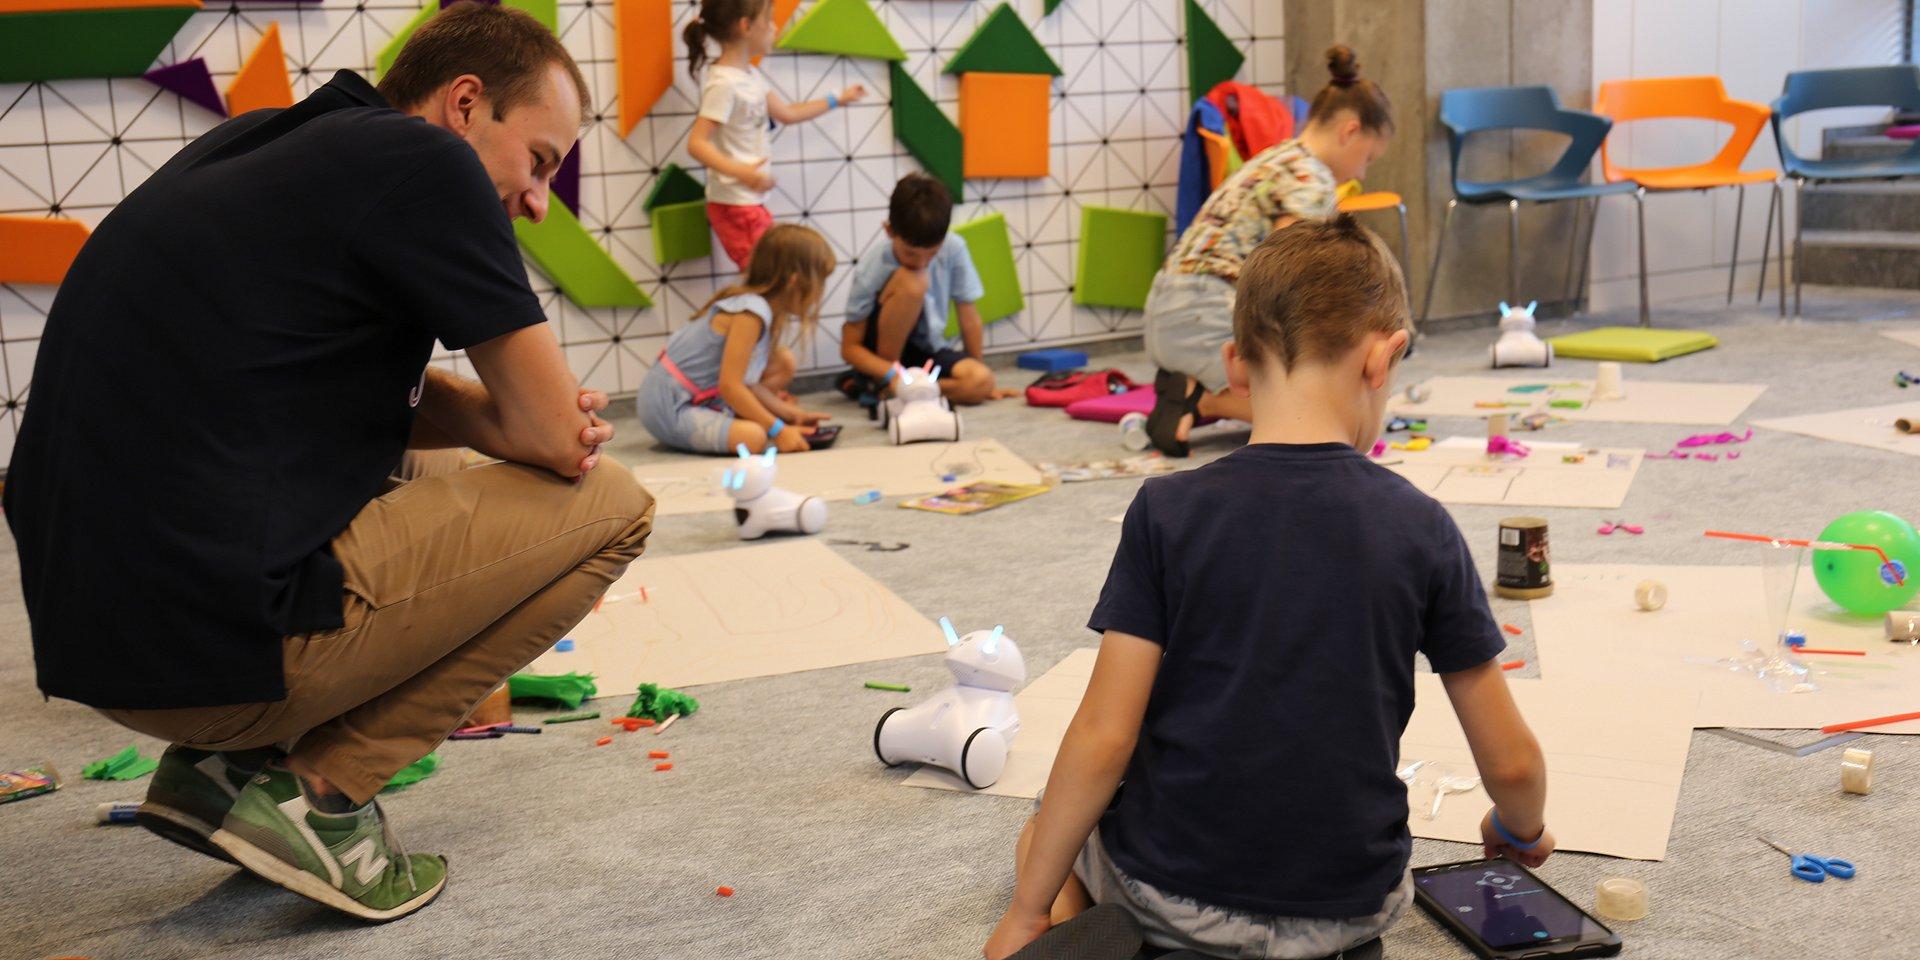 Bezpłatne zajęcia dla dzieci z placówek pieczy zastępczej